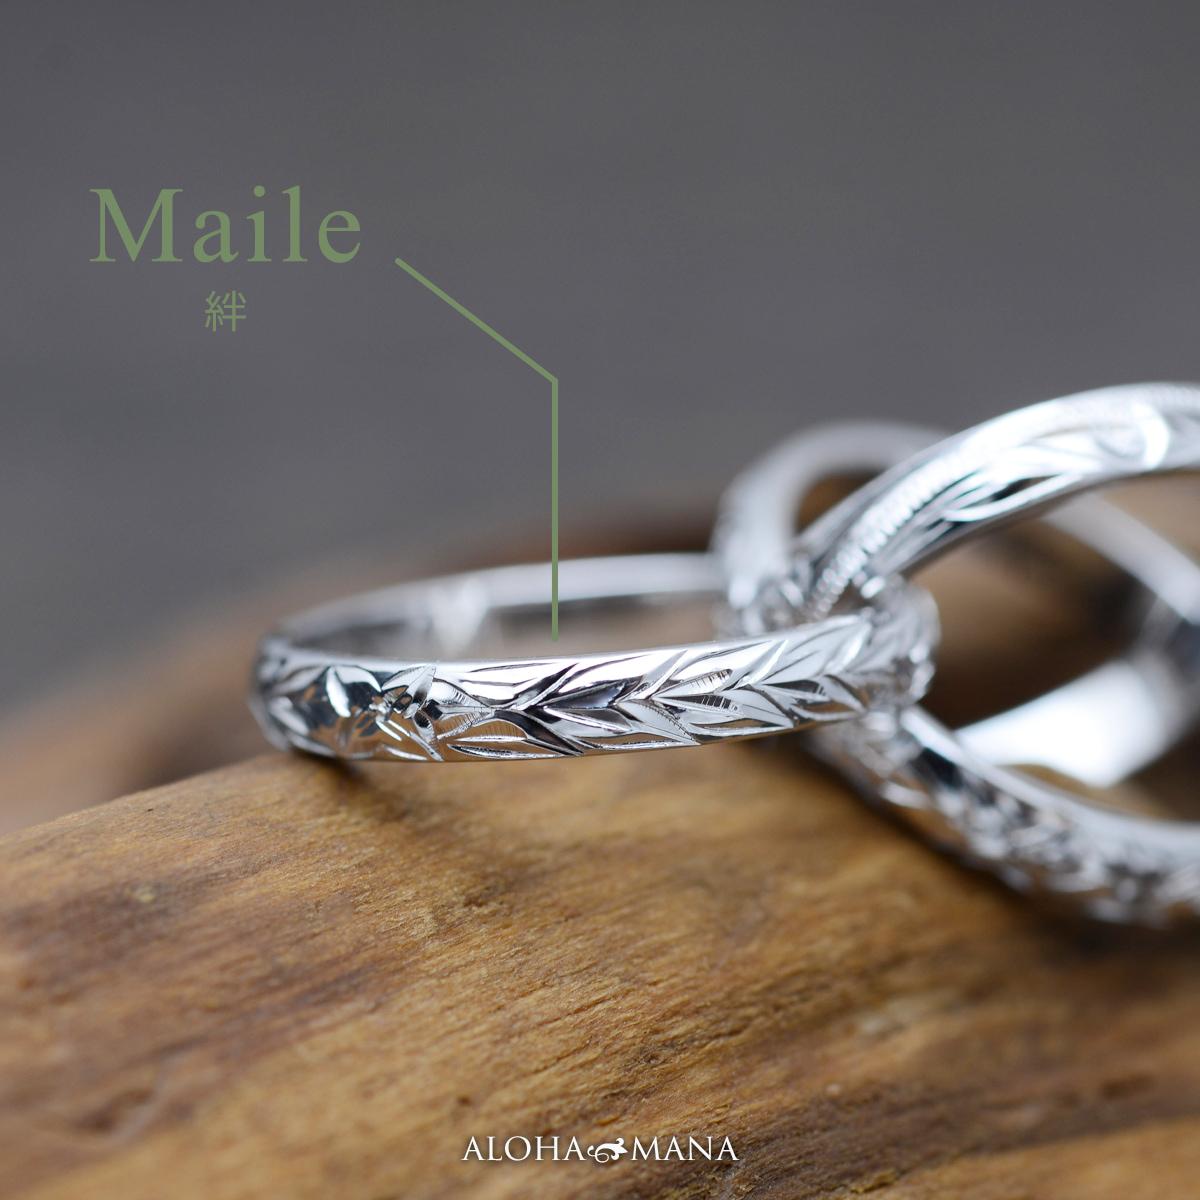 【数量限定】ハワイアンジュエリー リング 指輪  レディース 女性 メンズ 男性 ペアリングにオススメ スリーサークル・三連・3連シルバーリング 指輪 l男性サイズまで豊富なサイズ シルバー925 bri1669